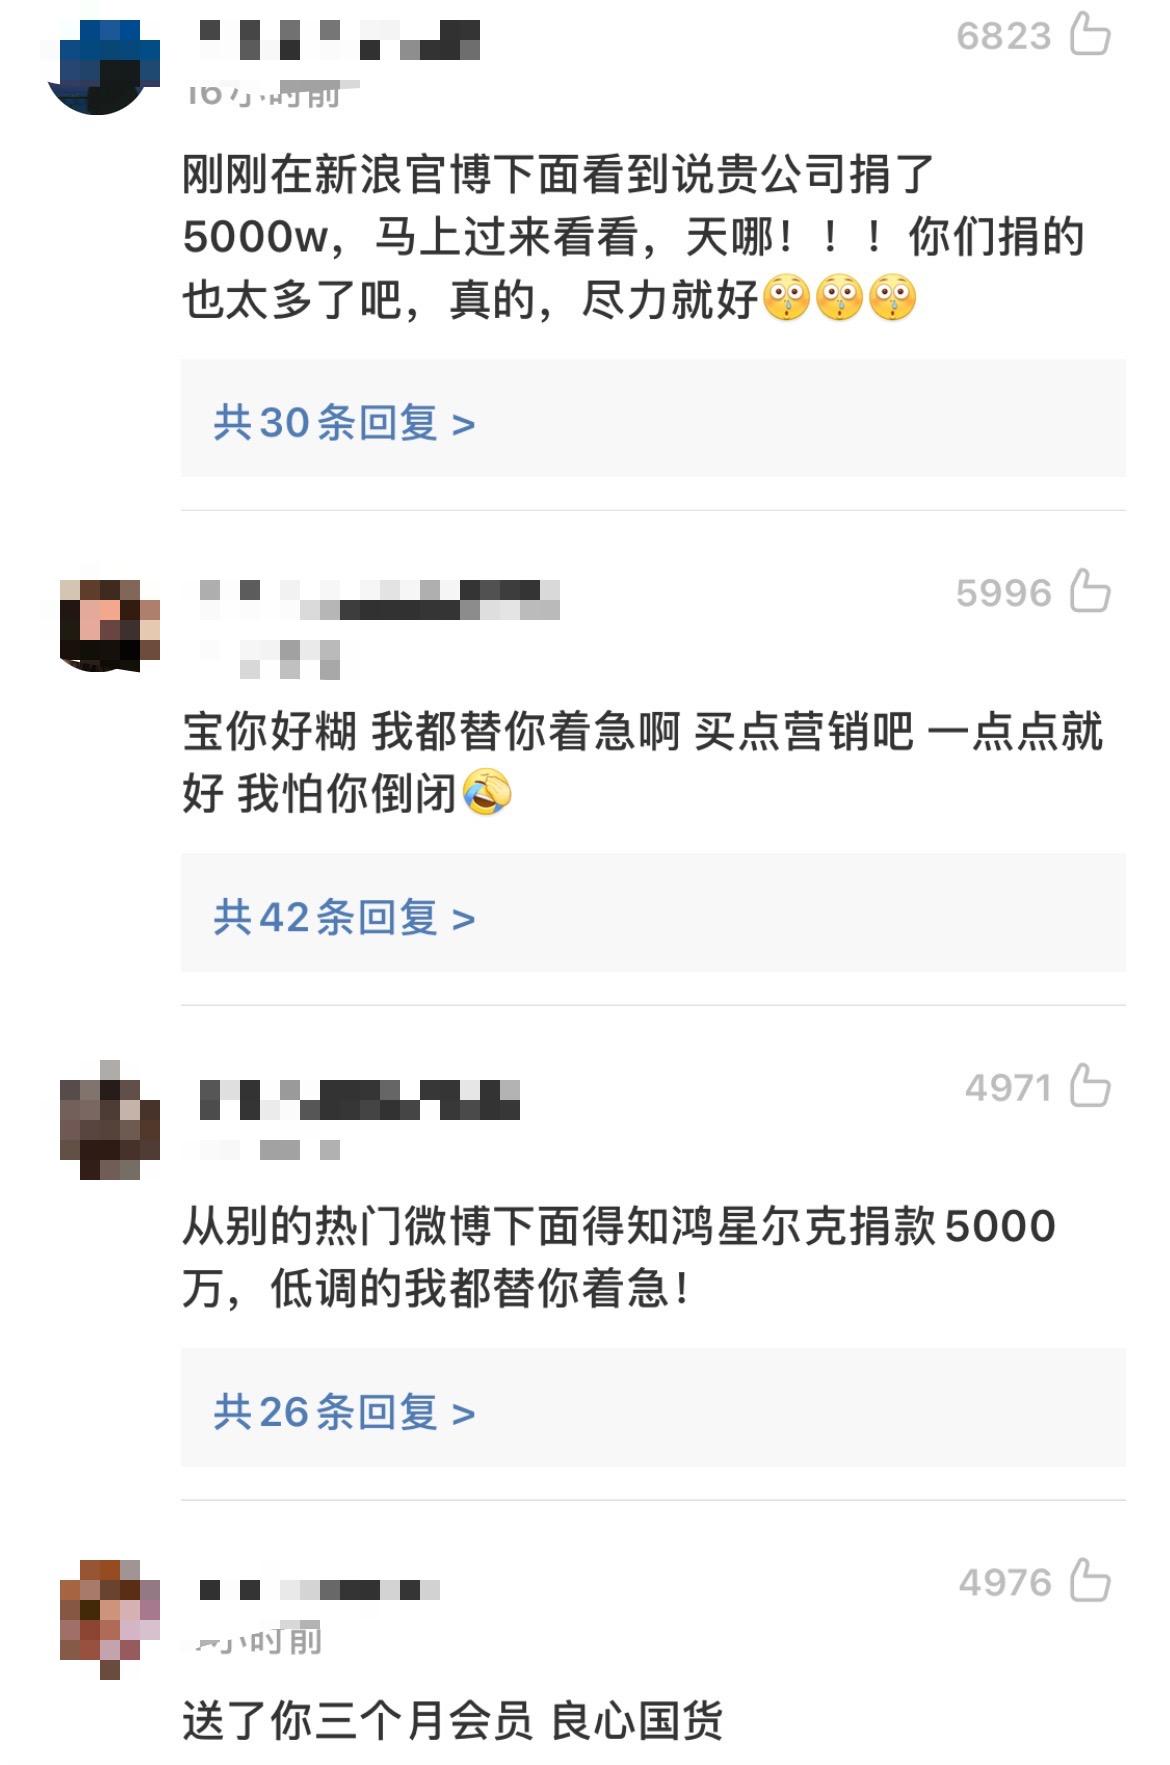 """鸿星尔克捐5000万被网友""""心疼"""" 登上热搜"""